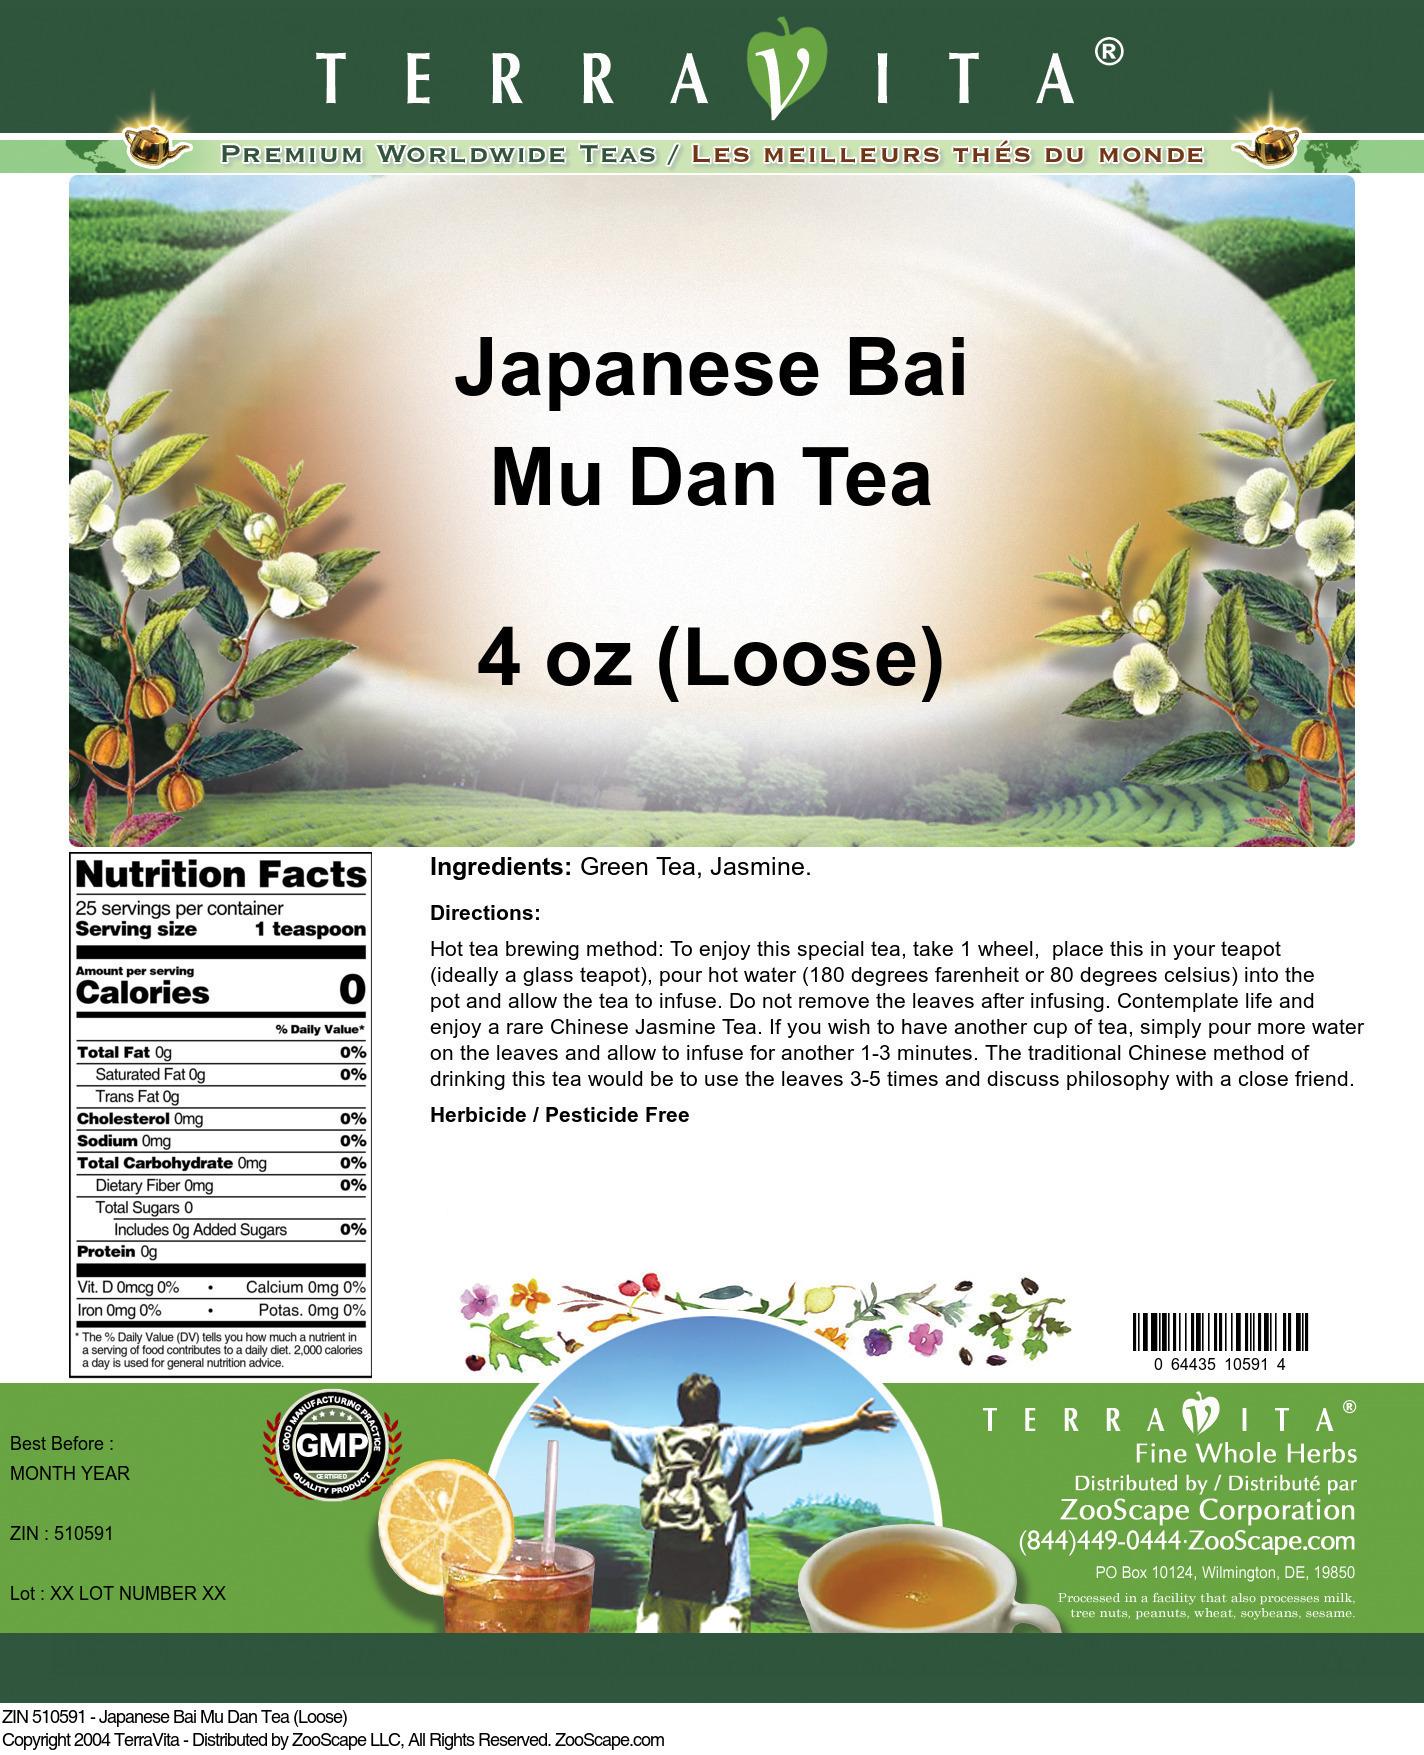 Japanese Bai Mu Dan Tea (Loose)